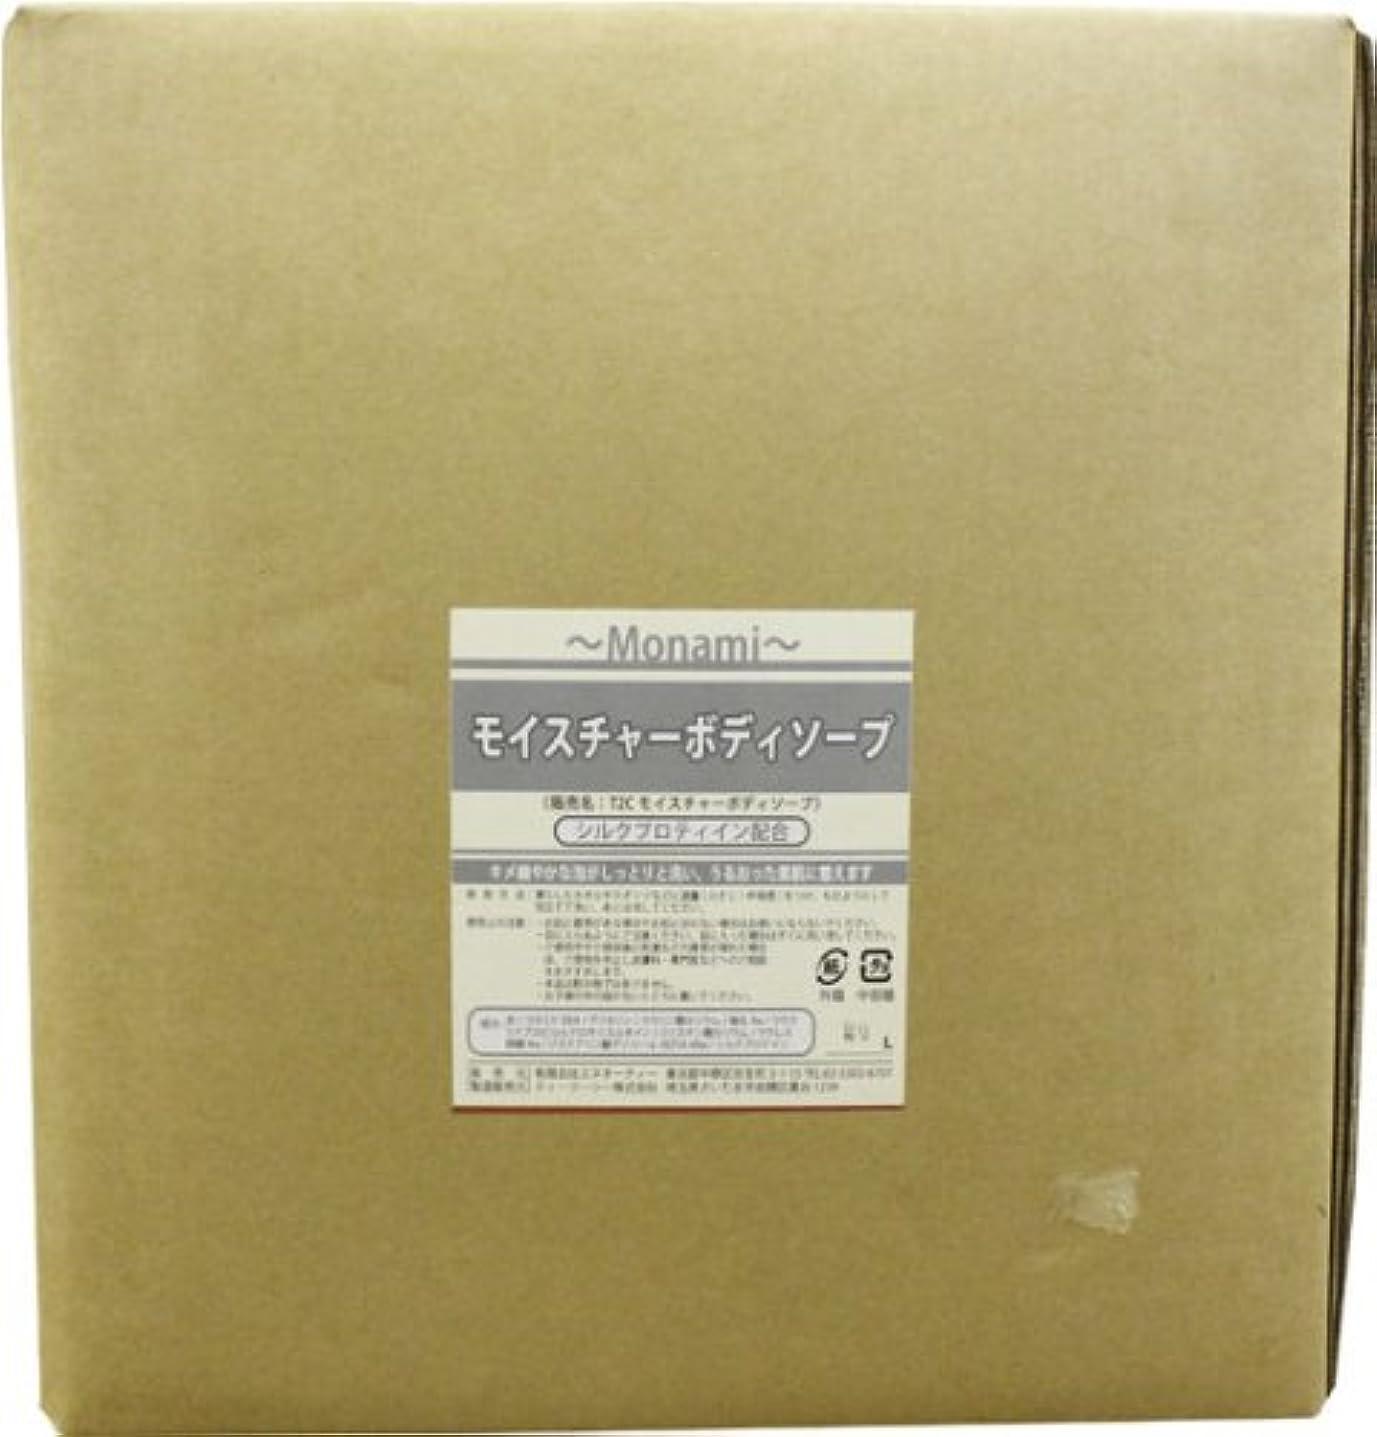 オープナー暴力的な頼るモナミモイスチャーボディソープ20L 無香料 シルクプロテイン配合